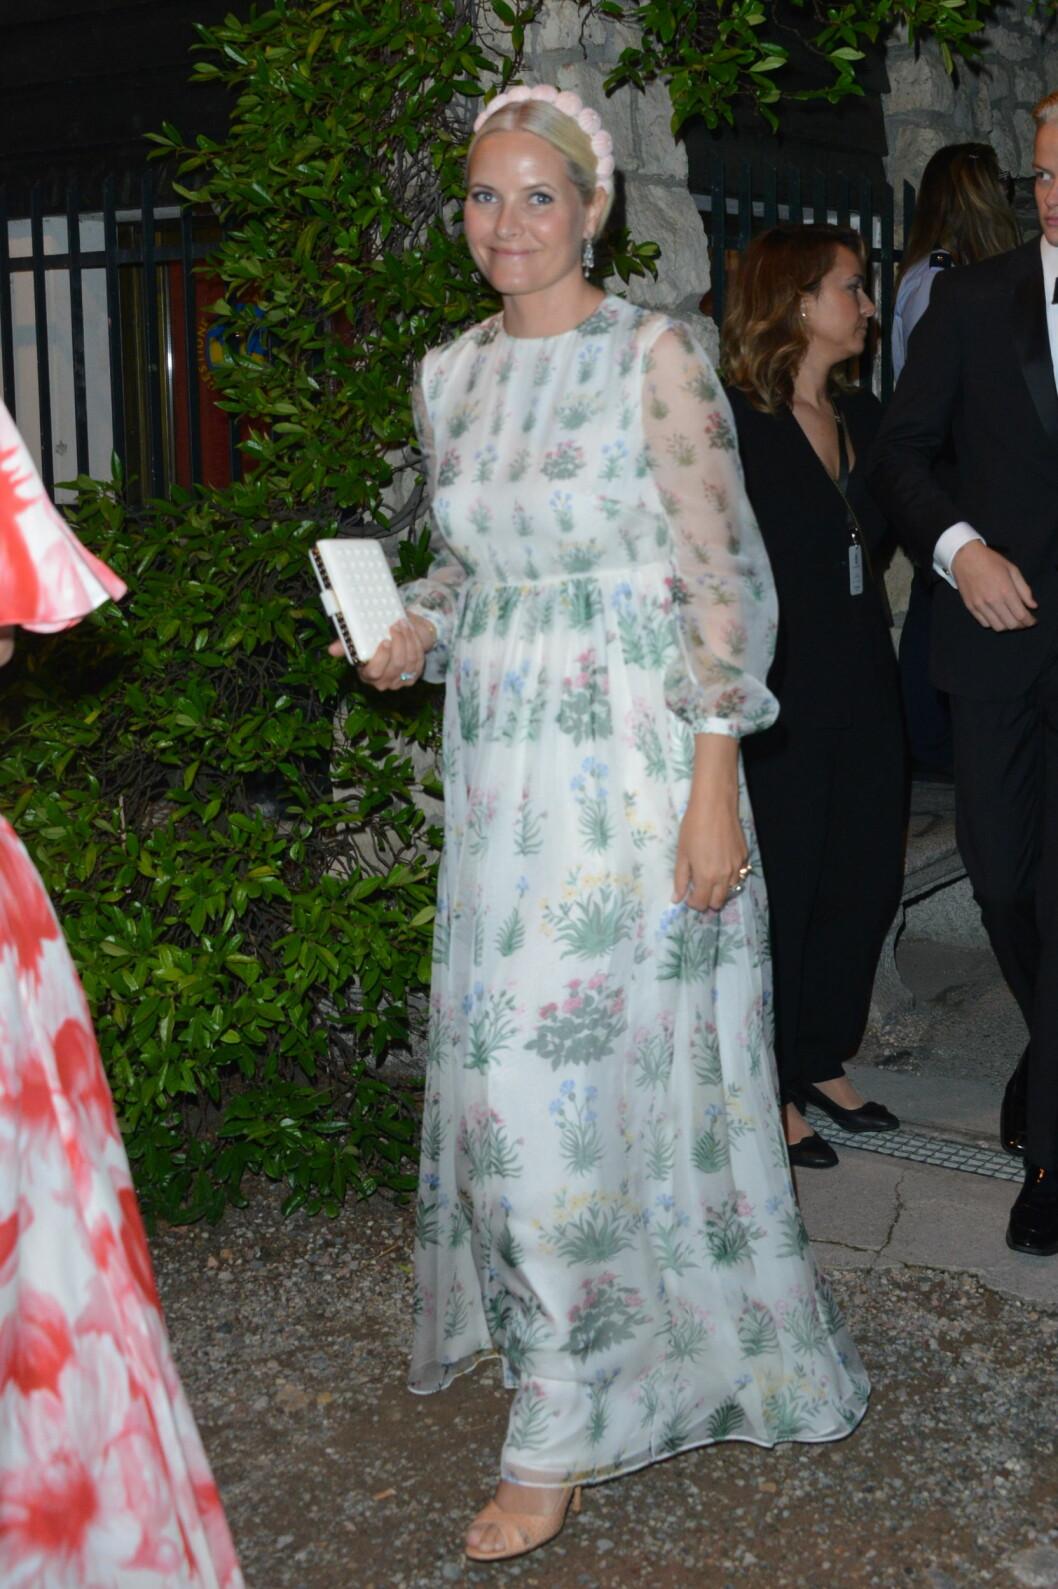 BLOMSTERPIKE: Mette-Marit var kledd i en blomstermønstret kjole er fra Valentinos pre fall-kolleksjon for 2015 og nagleveske fra samme merke. Det hele var toppet med en unik hårpynt av kråkeboller. Foto: Splash News/NTBscanpix